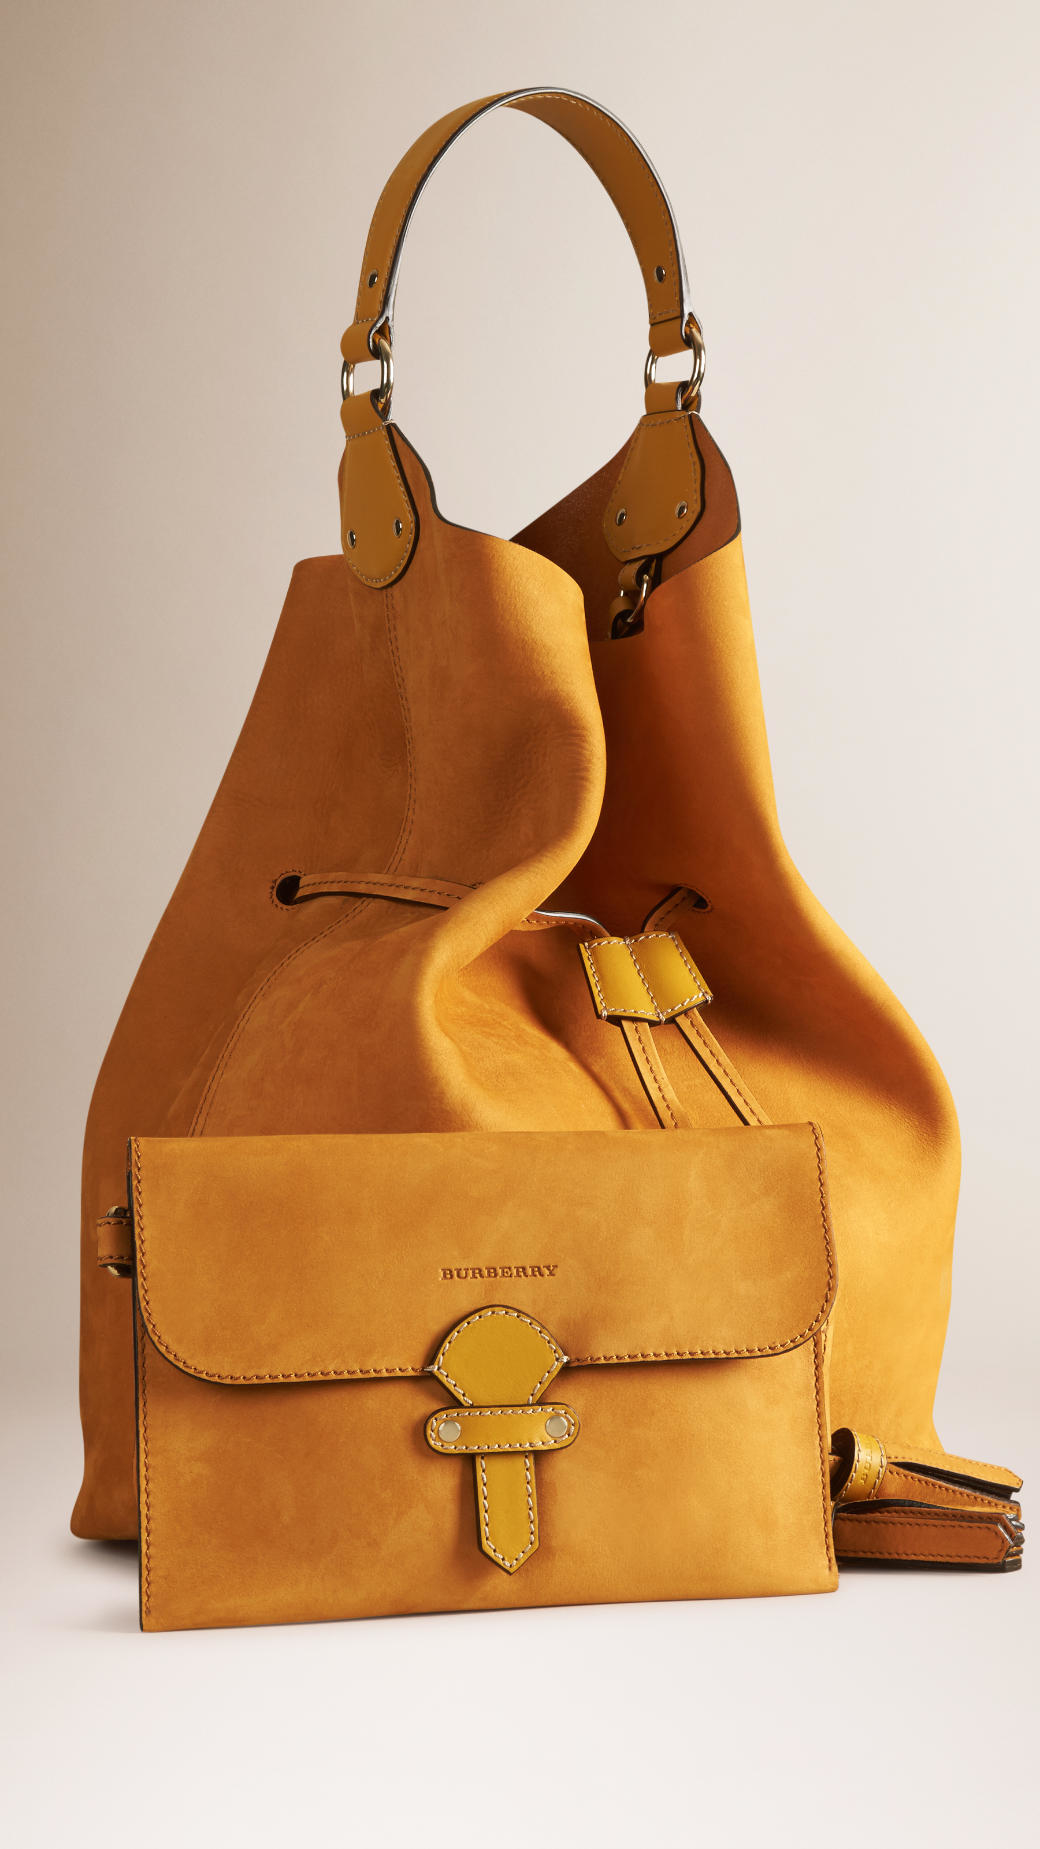 46ce2a42be5b Burberry The Large Ashby Leather Bag in Metallic Lyst. Burberry The Large  Ashby. Burberry Medium Ashby Bucket Bag Handbags BUR67372